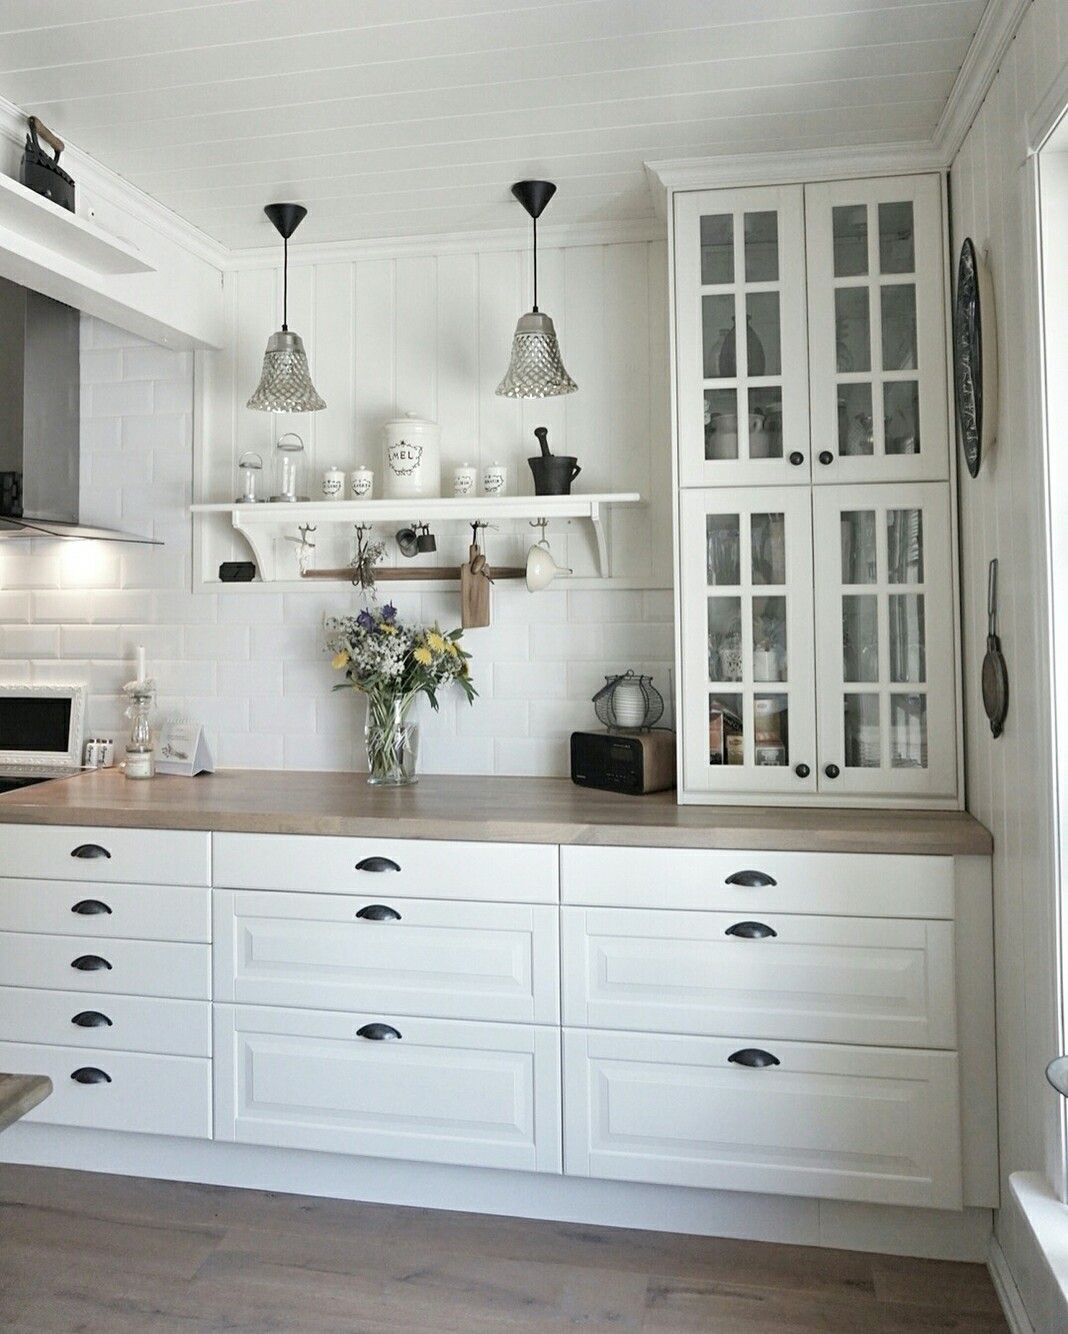 Pin von Astrid Joachim auf Küche | Pinterest | Küche, Küchen ideen ...